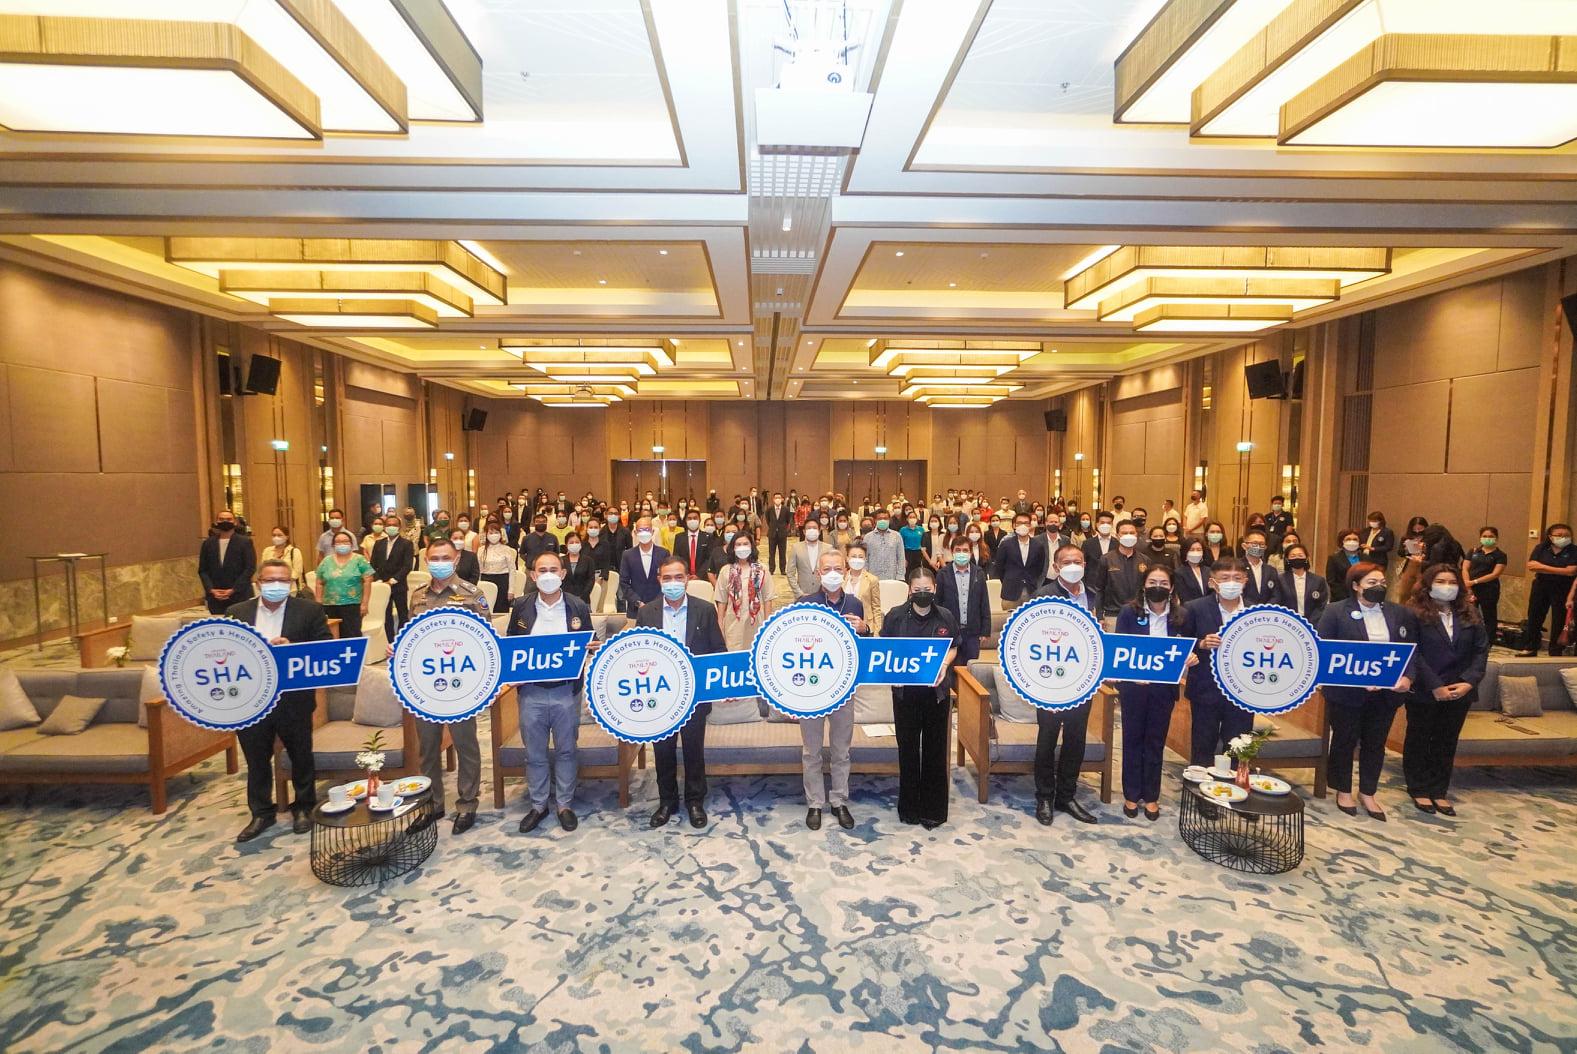 ททท. มอบตราสัญลักษณ์มาตรฐาน SHA Plus ให้แก่ผู้ประกอบการภาคอุตสาหกรรมท่องเที่ยว ในพื้นที่จังหวัดภูเก็ต เตรียมพร้อมเปิด Phuket Sandbox